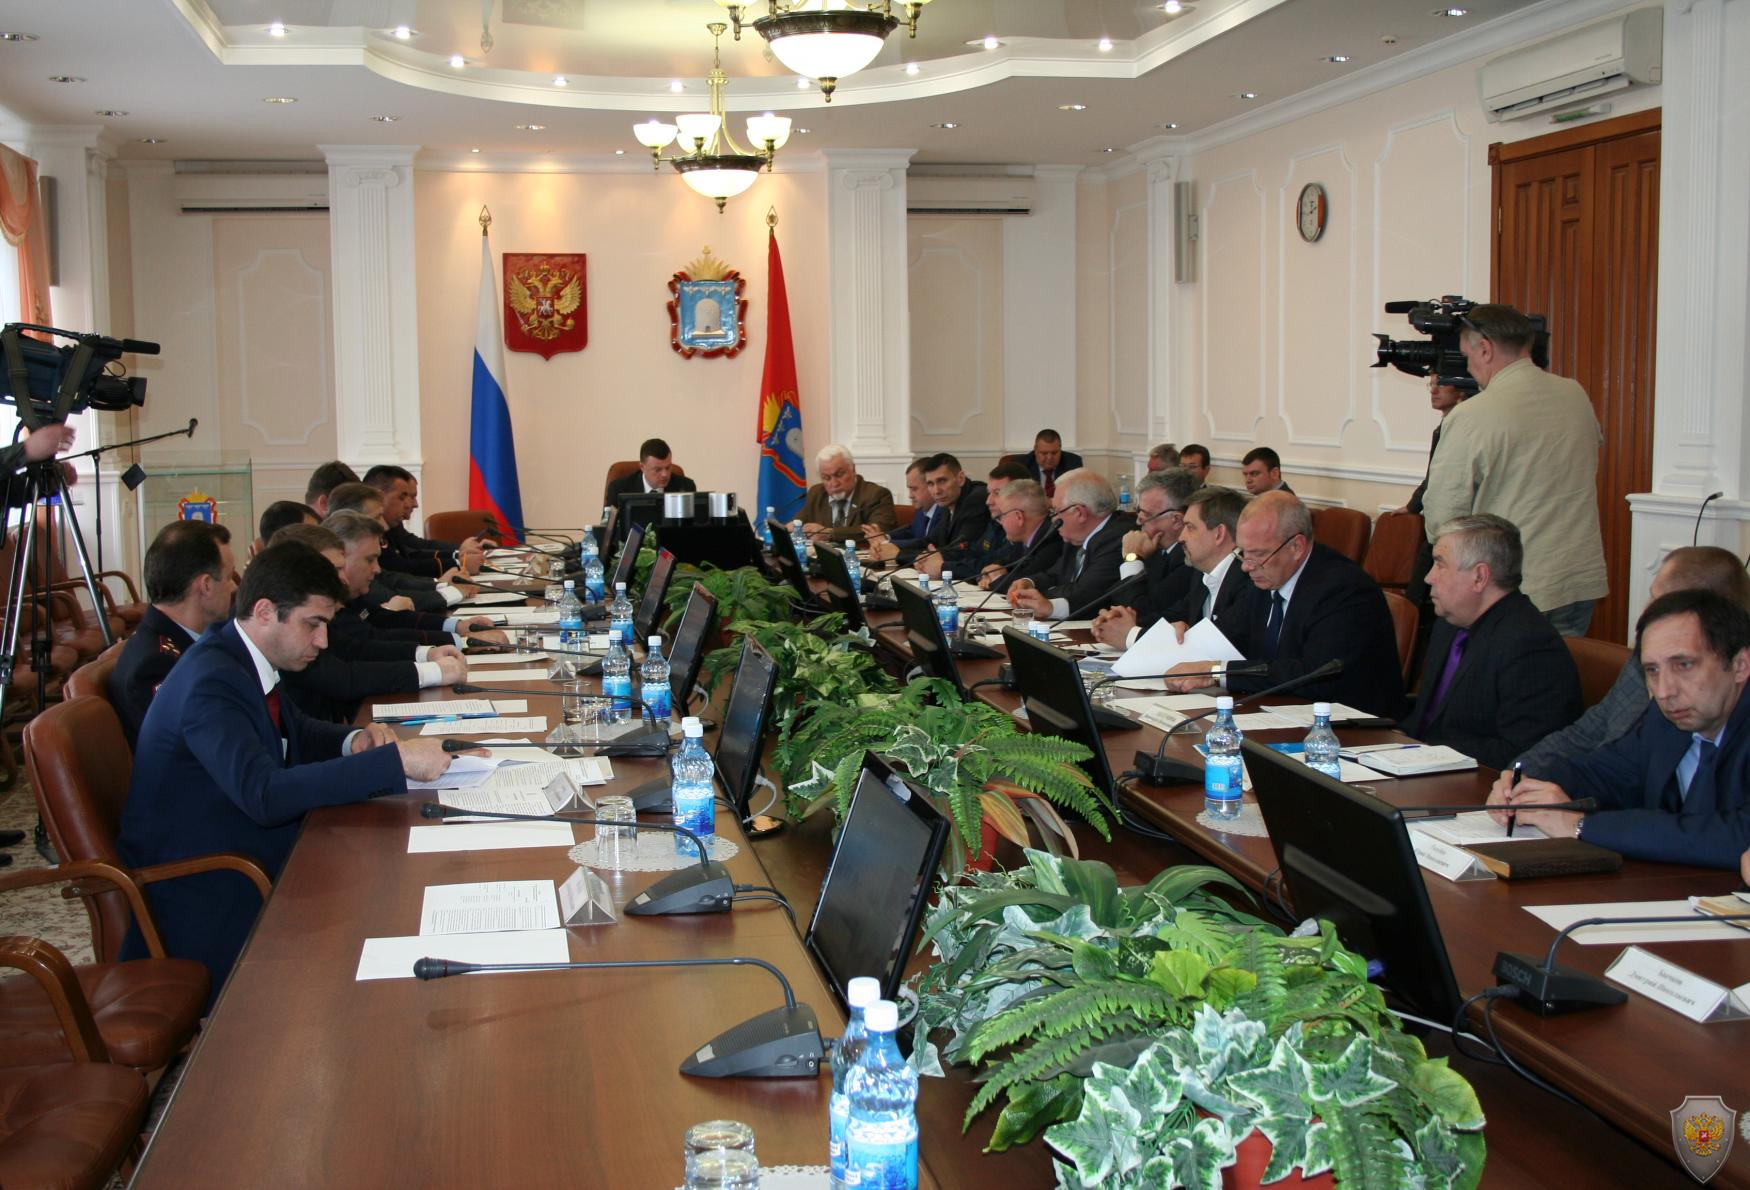 Члены антитеррористической комиссии Тамбовской области обсудили мероприятия по обеспечению безопасности в майские праздники